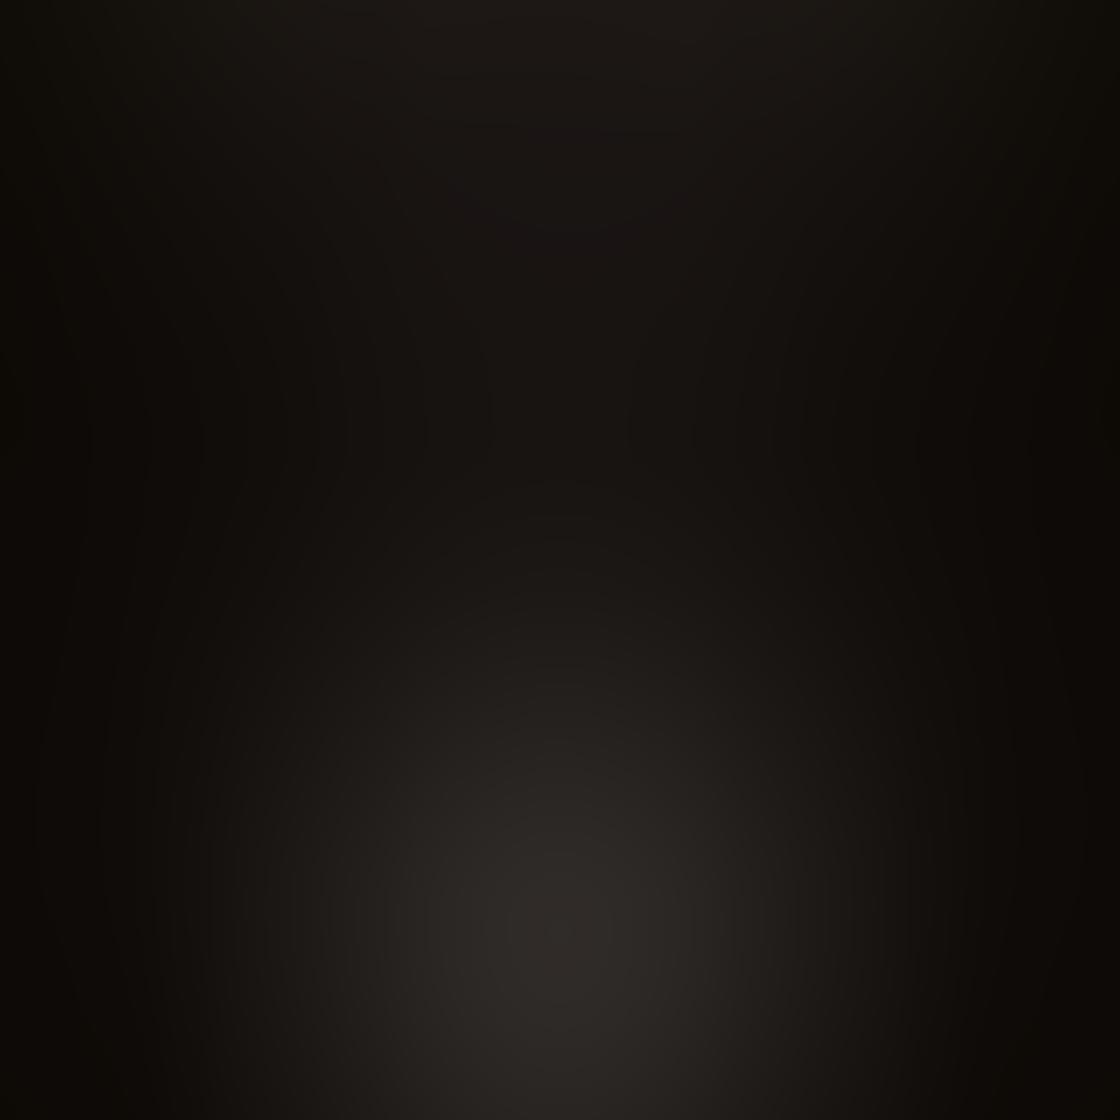 iPhone Photos Low Light 24